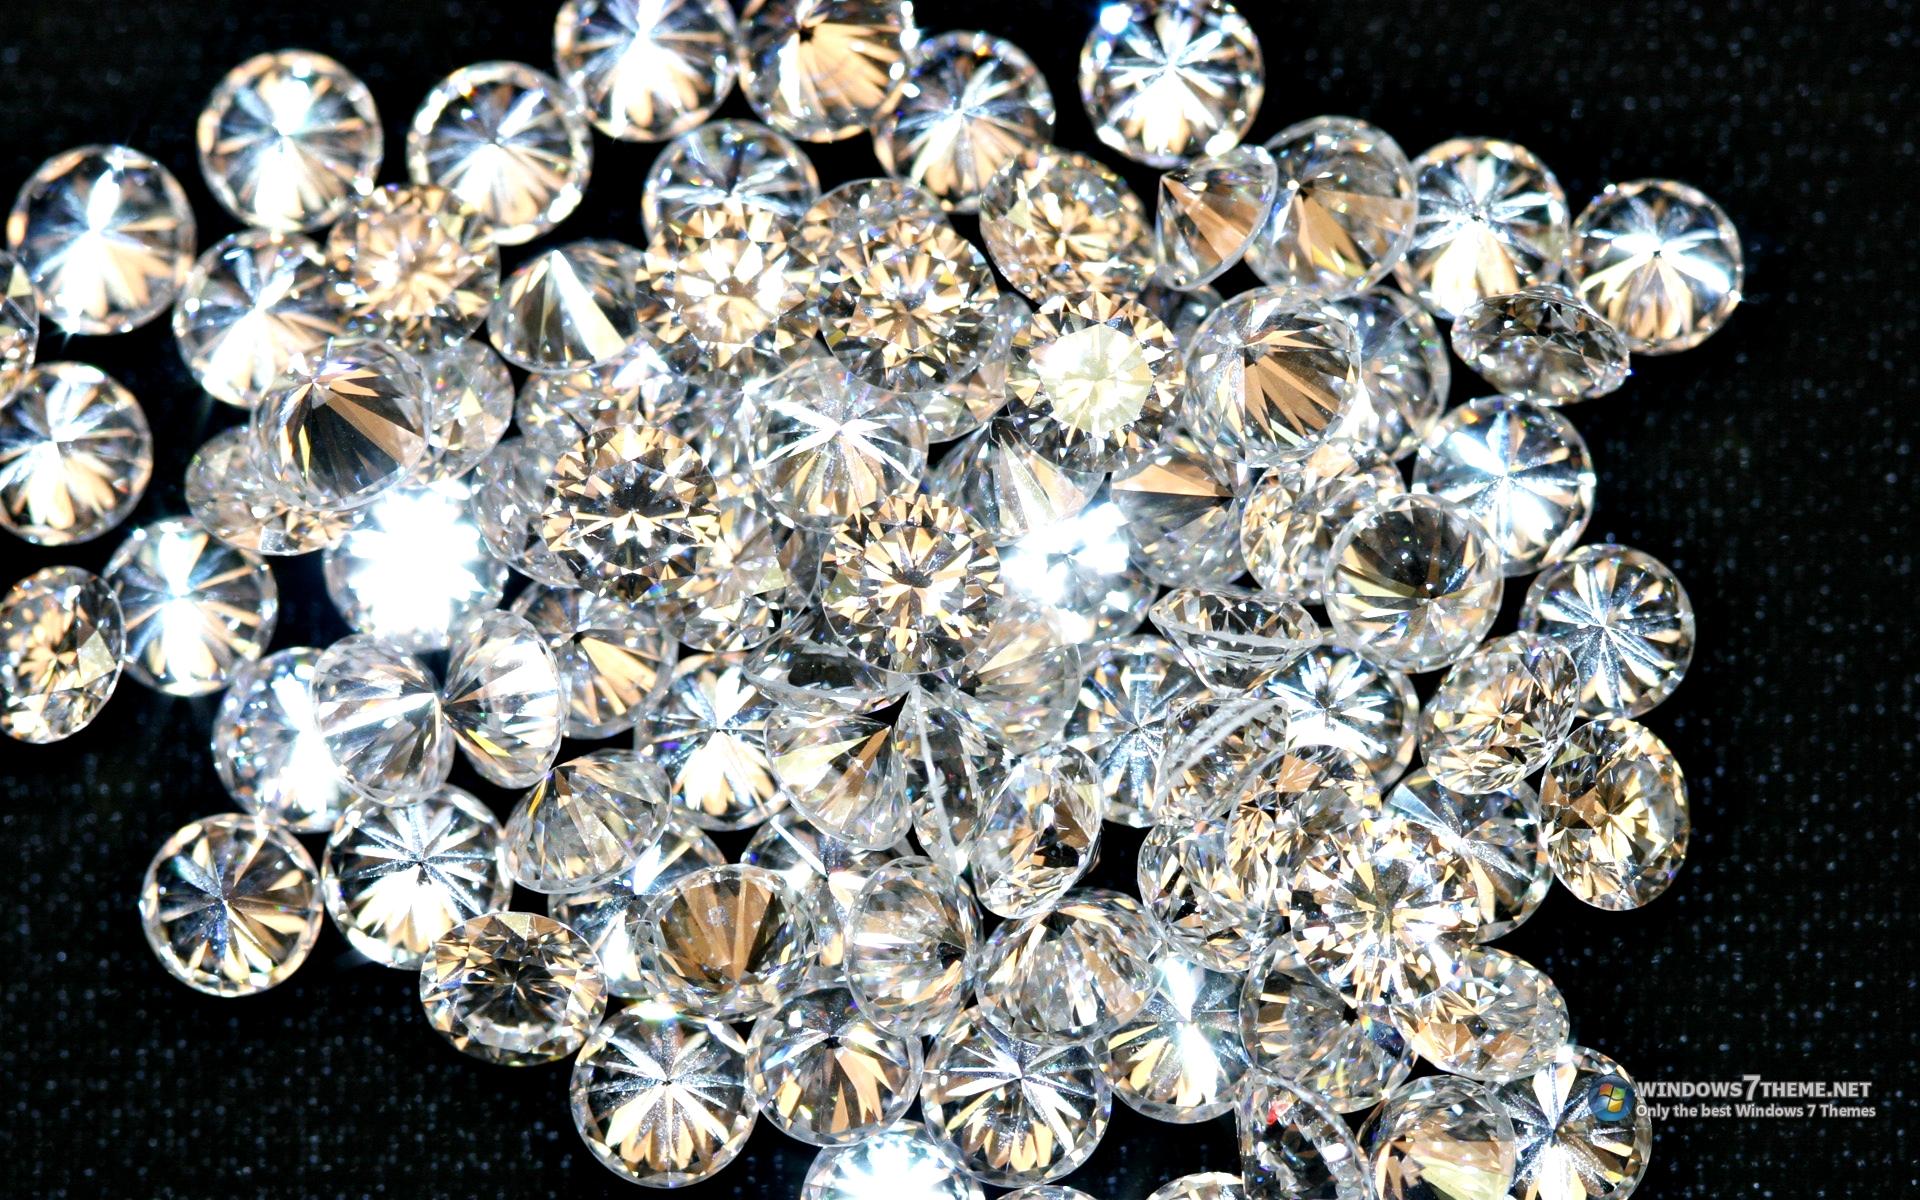 Colombianos acusados por millonario robo de diamantes en Israel | EL FRENTE